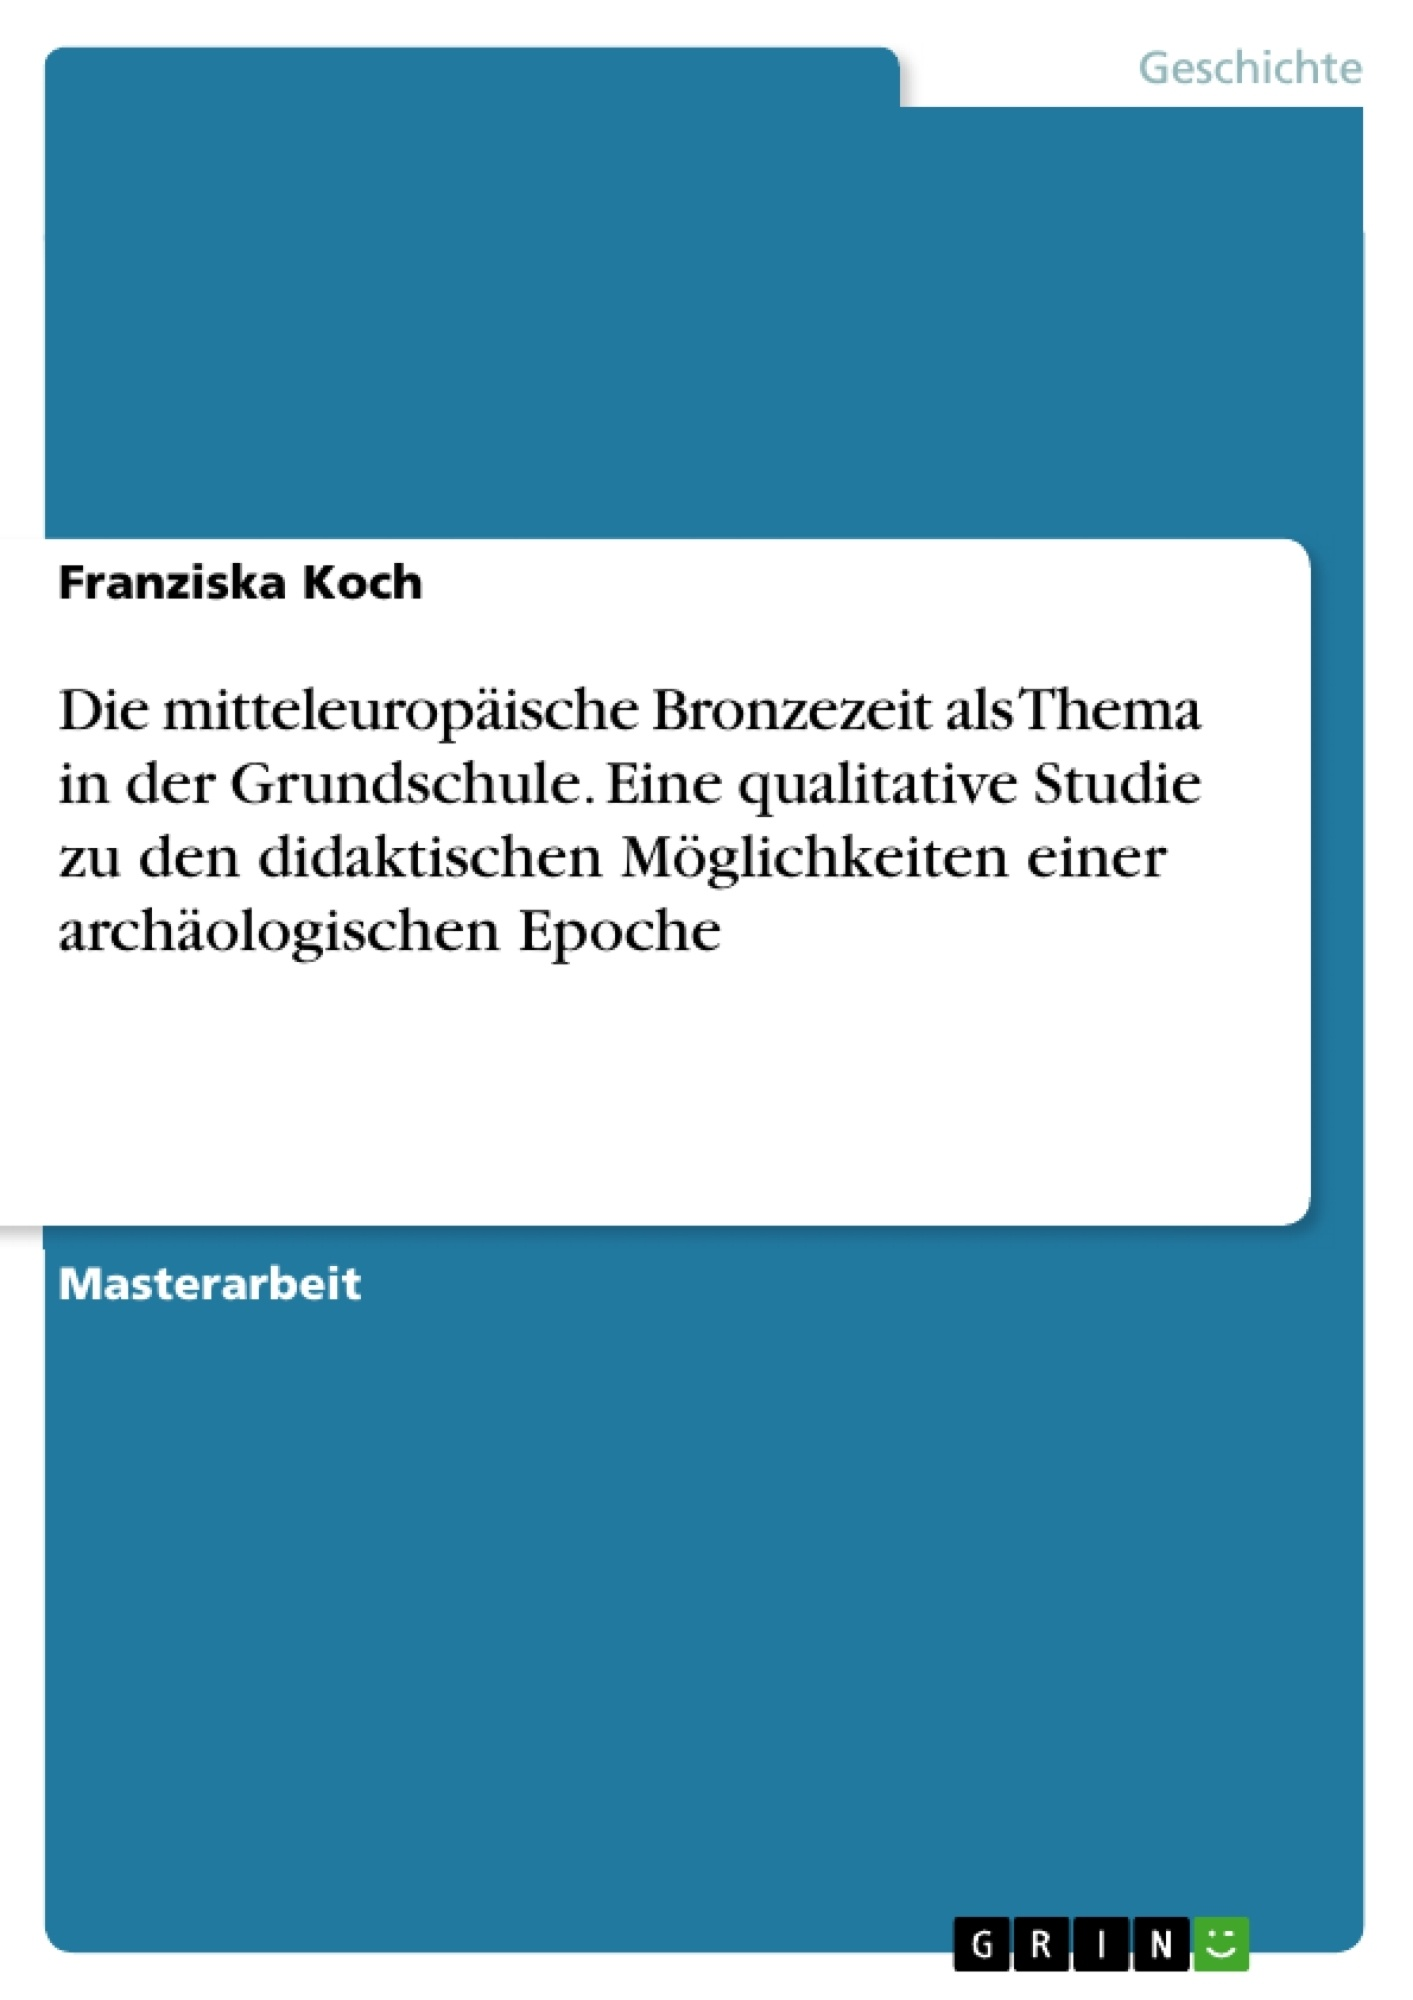 Titel: Die mitteleuropäische Bronzezeit als Thema in der Grundschule. Eine qualitative Studie zu den didaktischen Möglichkeiten einer archäologischen Epoche